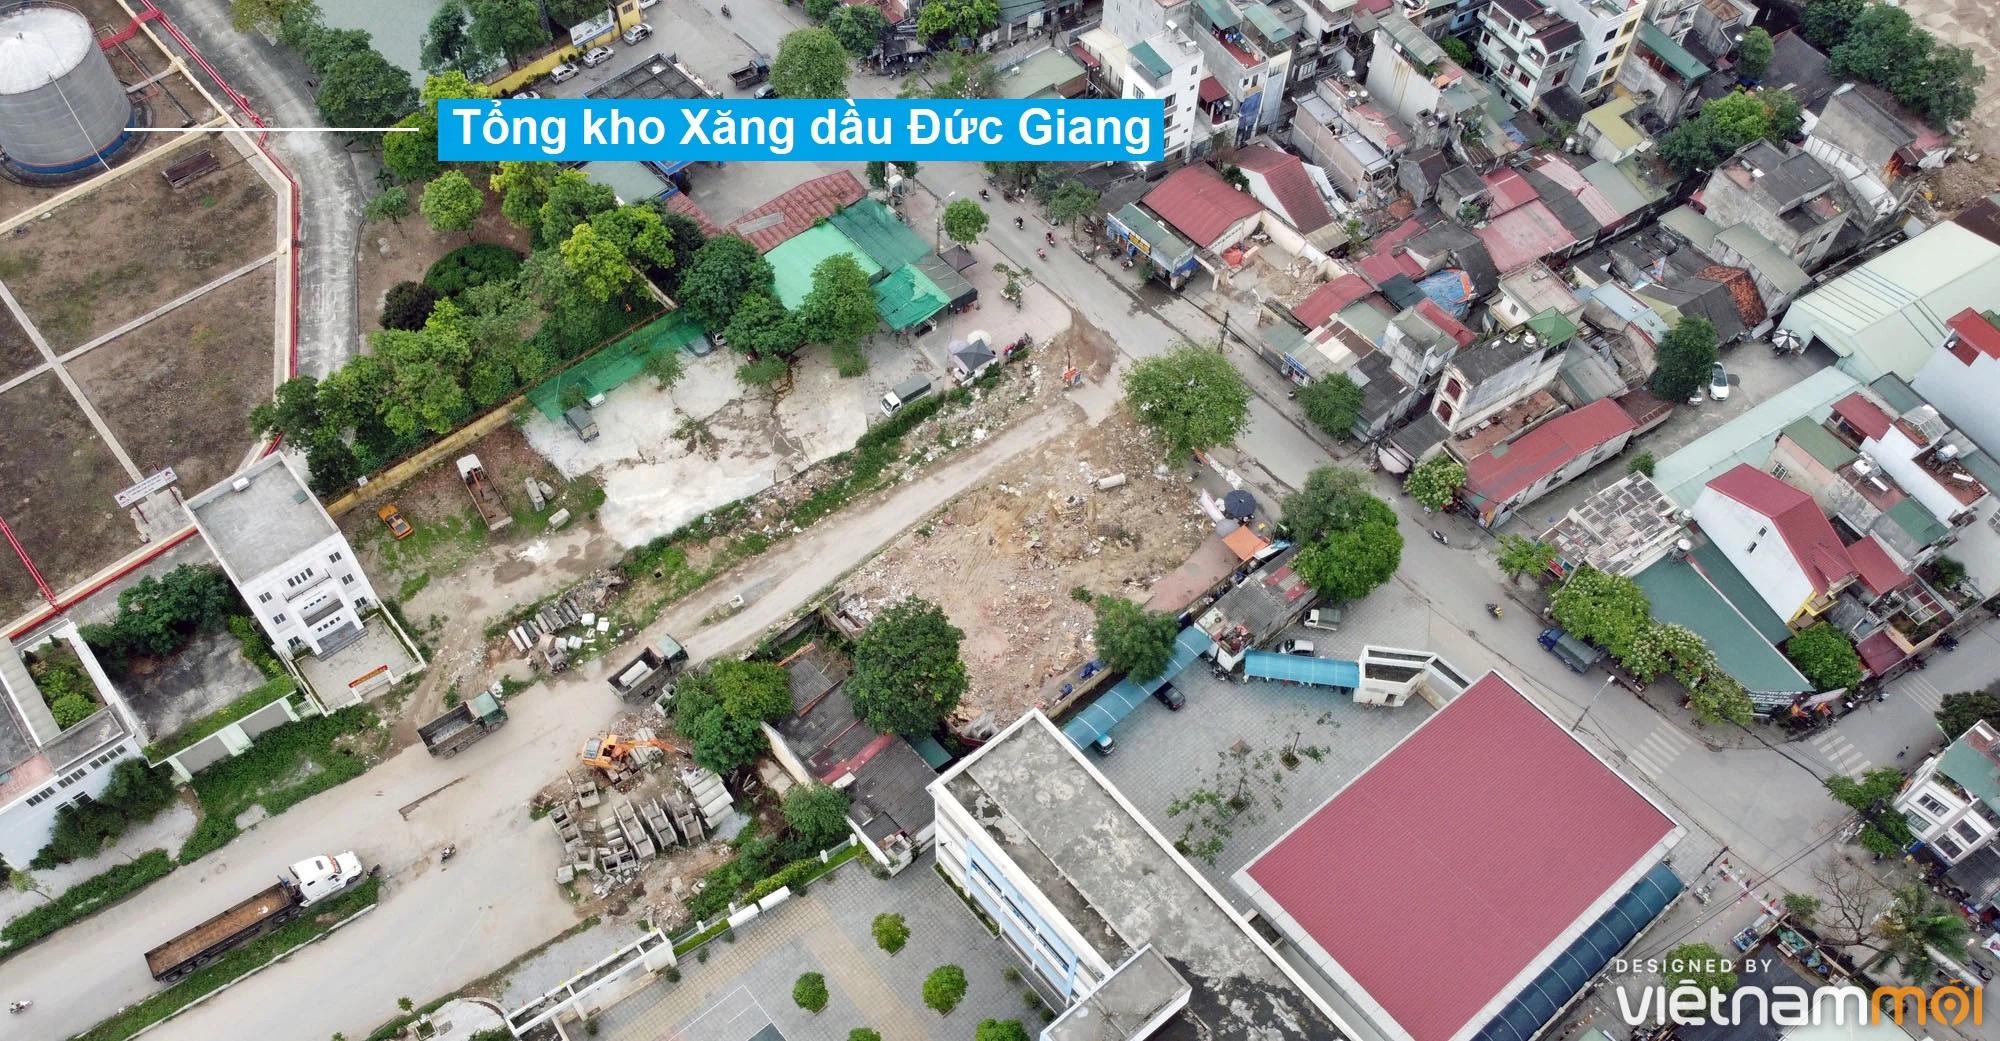 Toàn cảnh đường từ đê Ngọc Thụy đến KĐTM Thượng Thanh đang mở theo quy hoạch ở Hà Nội - Ảnh 17.